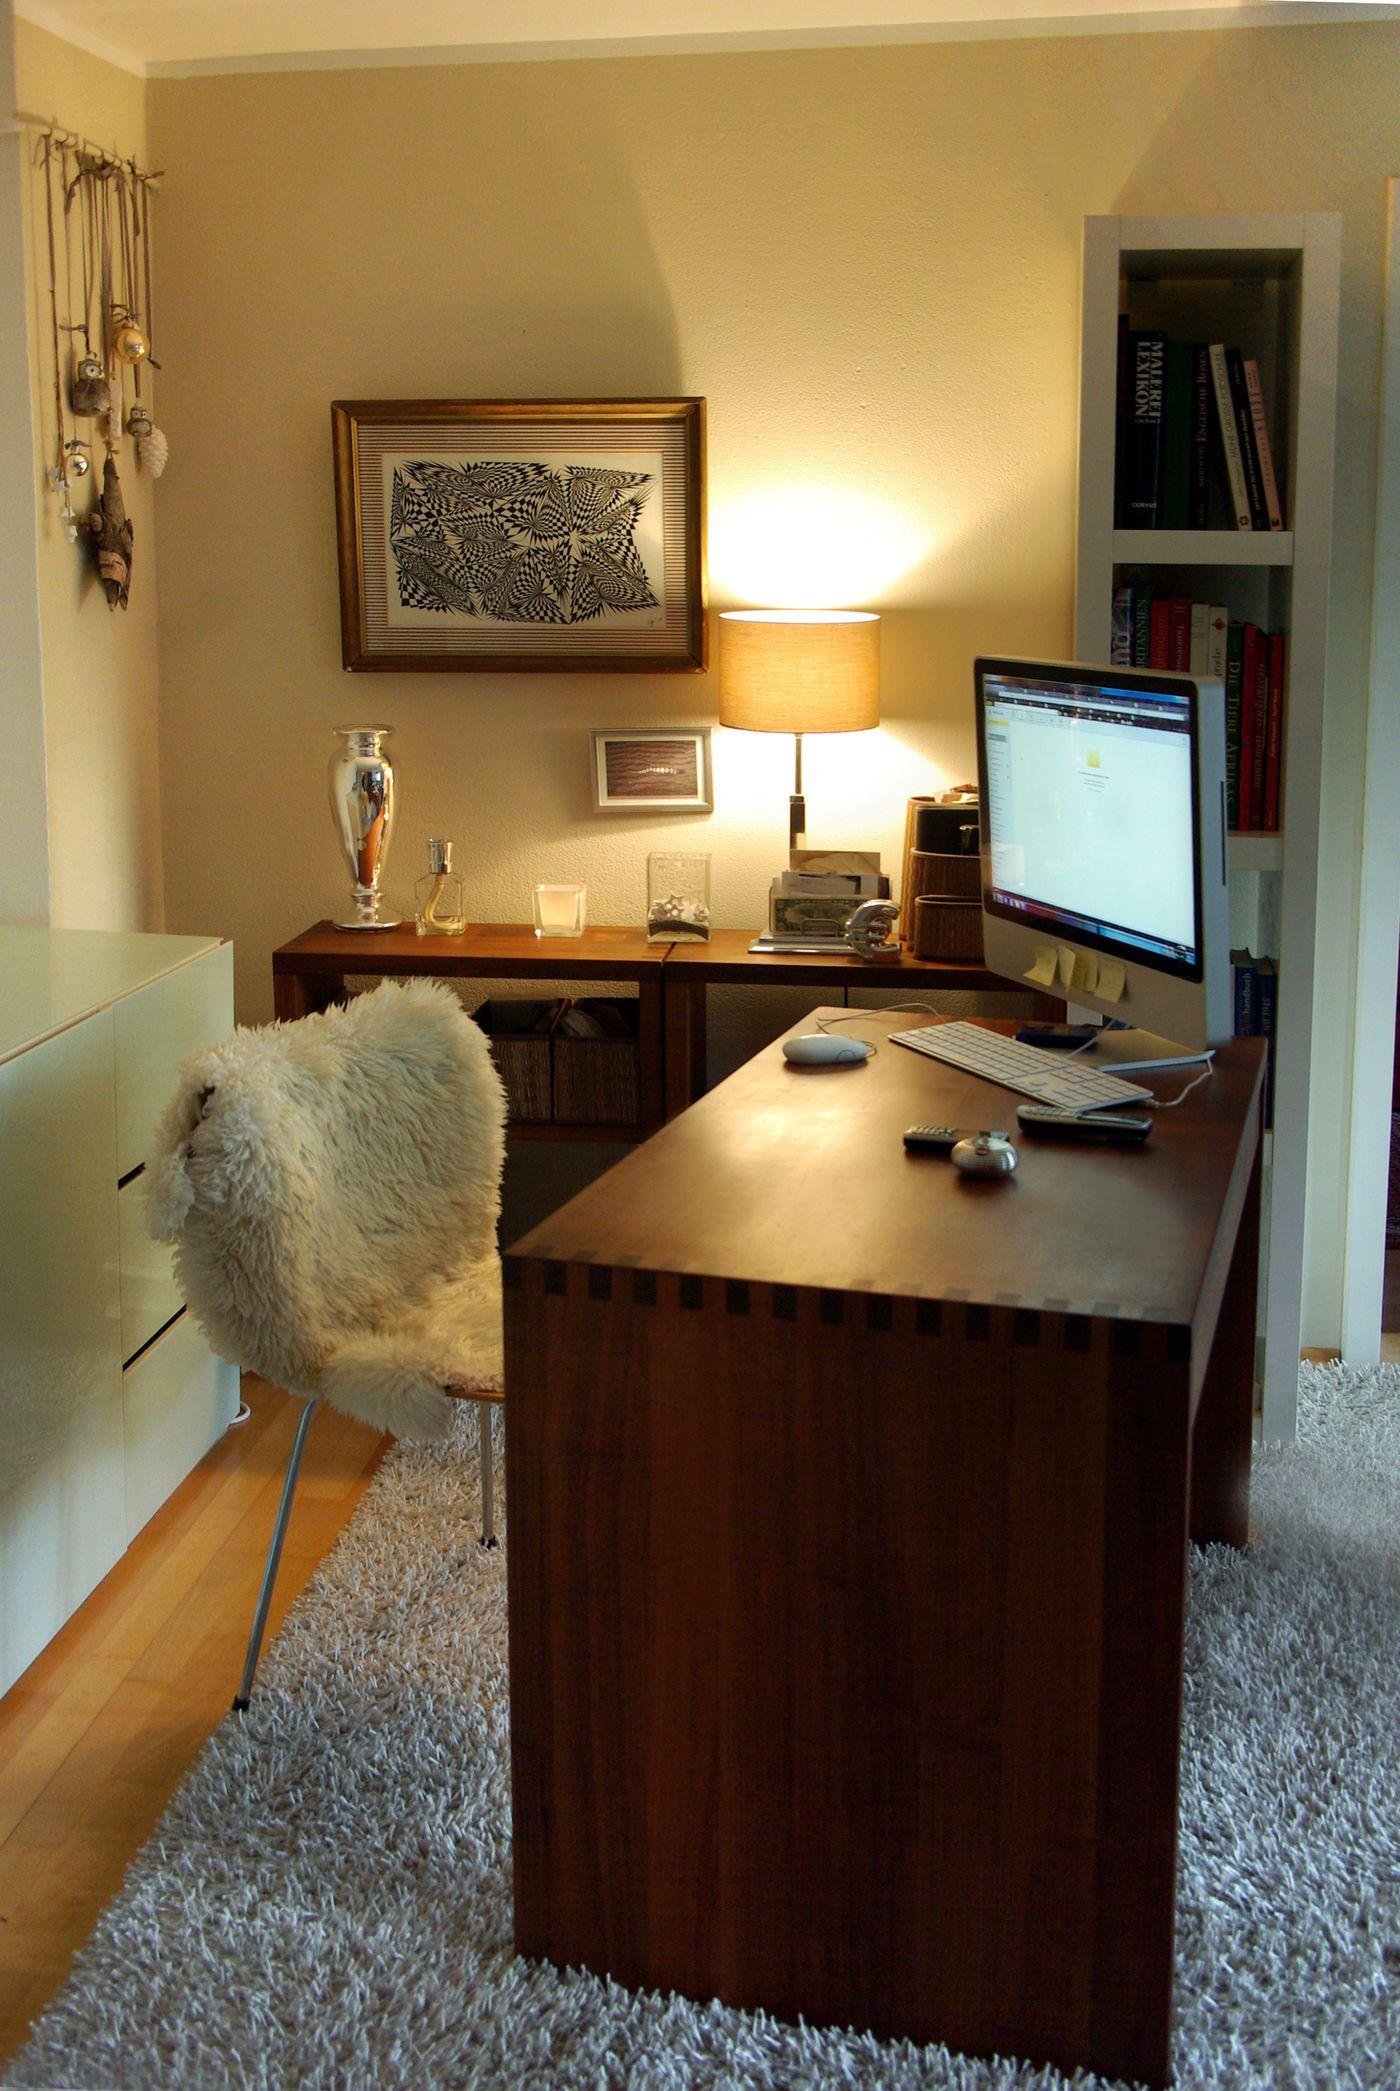 Büro einrichten - Die besten Ideen für Dein Home Office - Seite 44